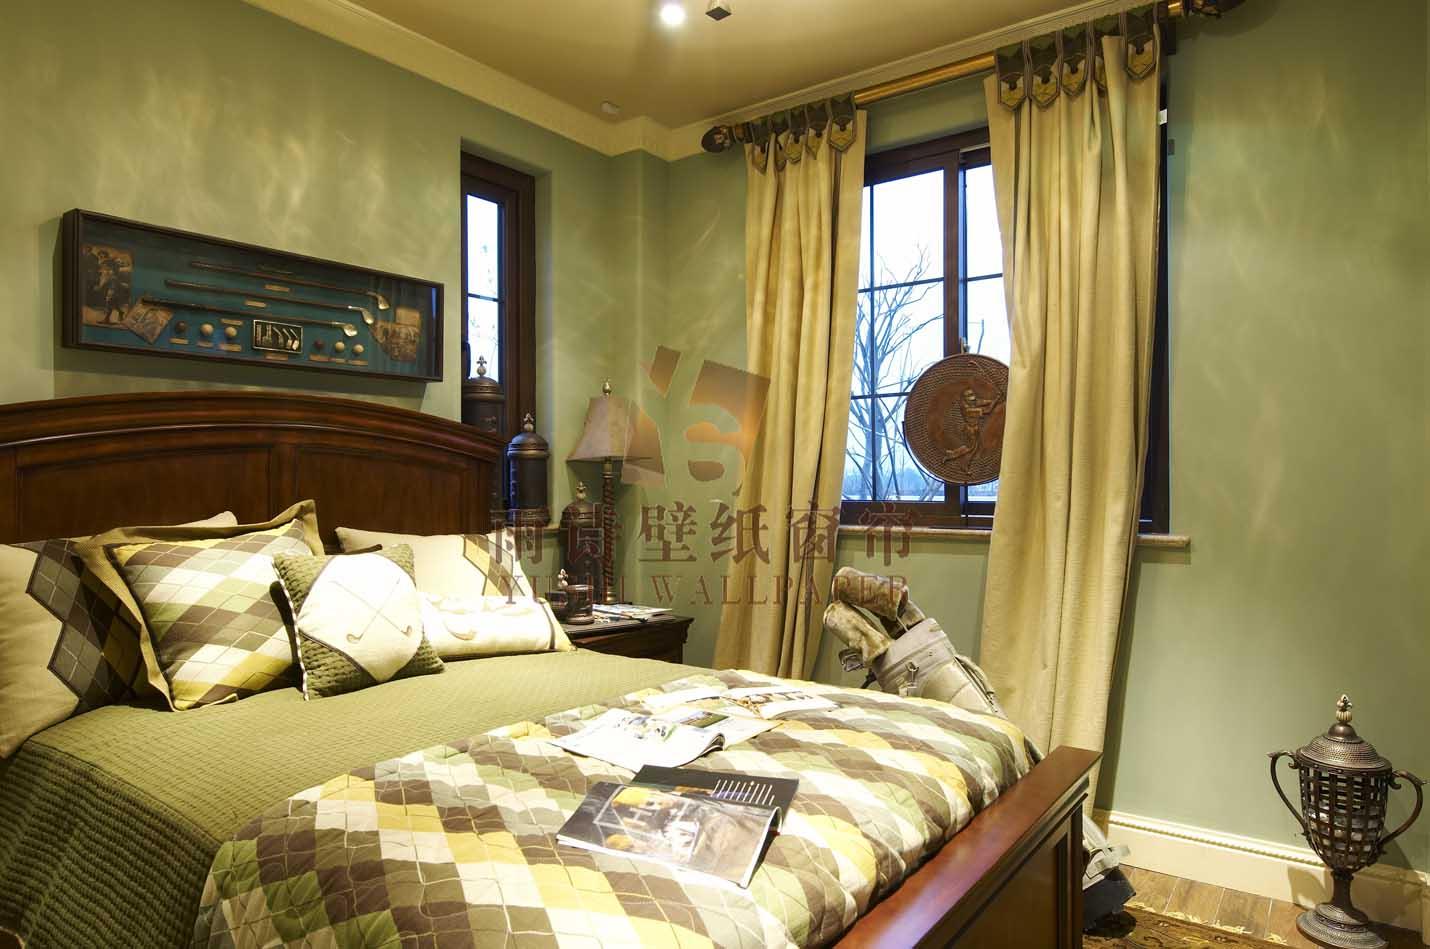 雨诗壁纸窗帘之复古风格卧室窗帘搭配-产品价格|报价